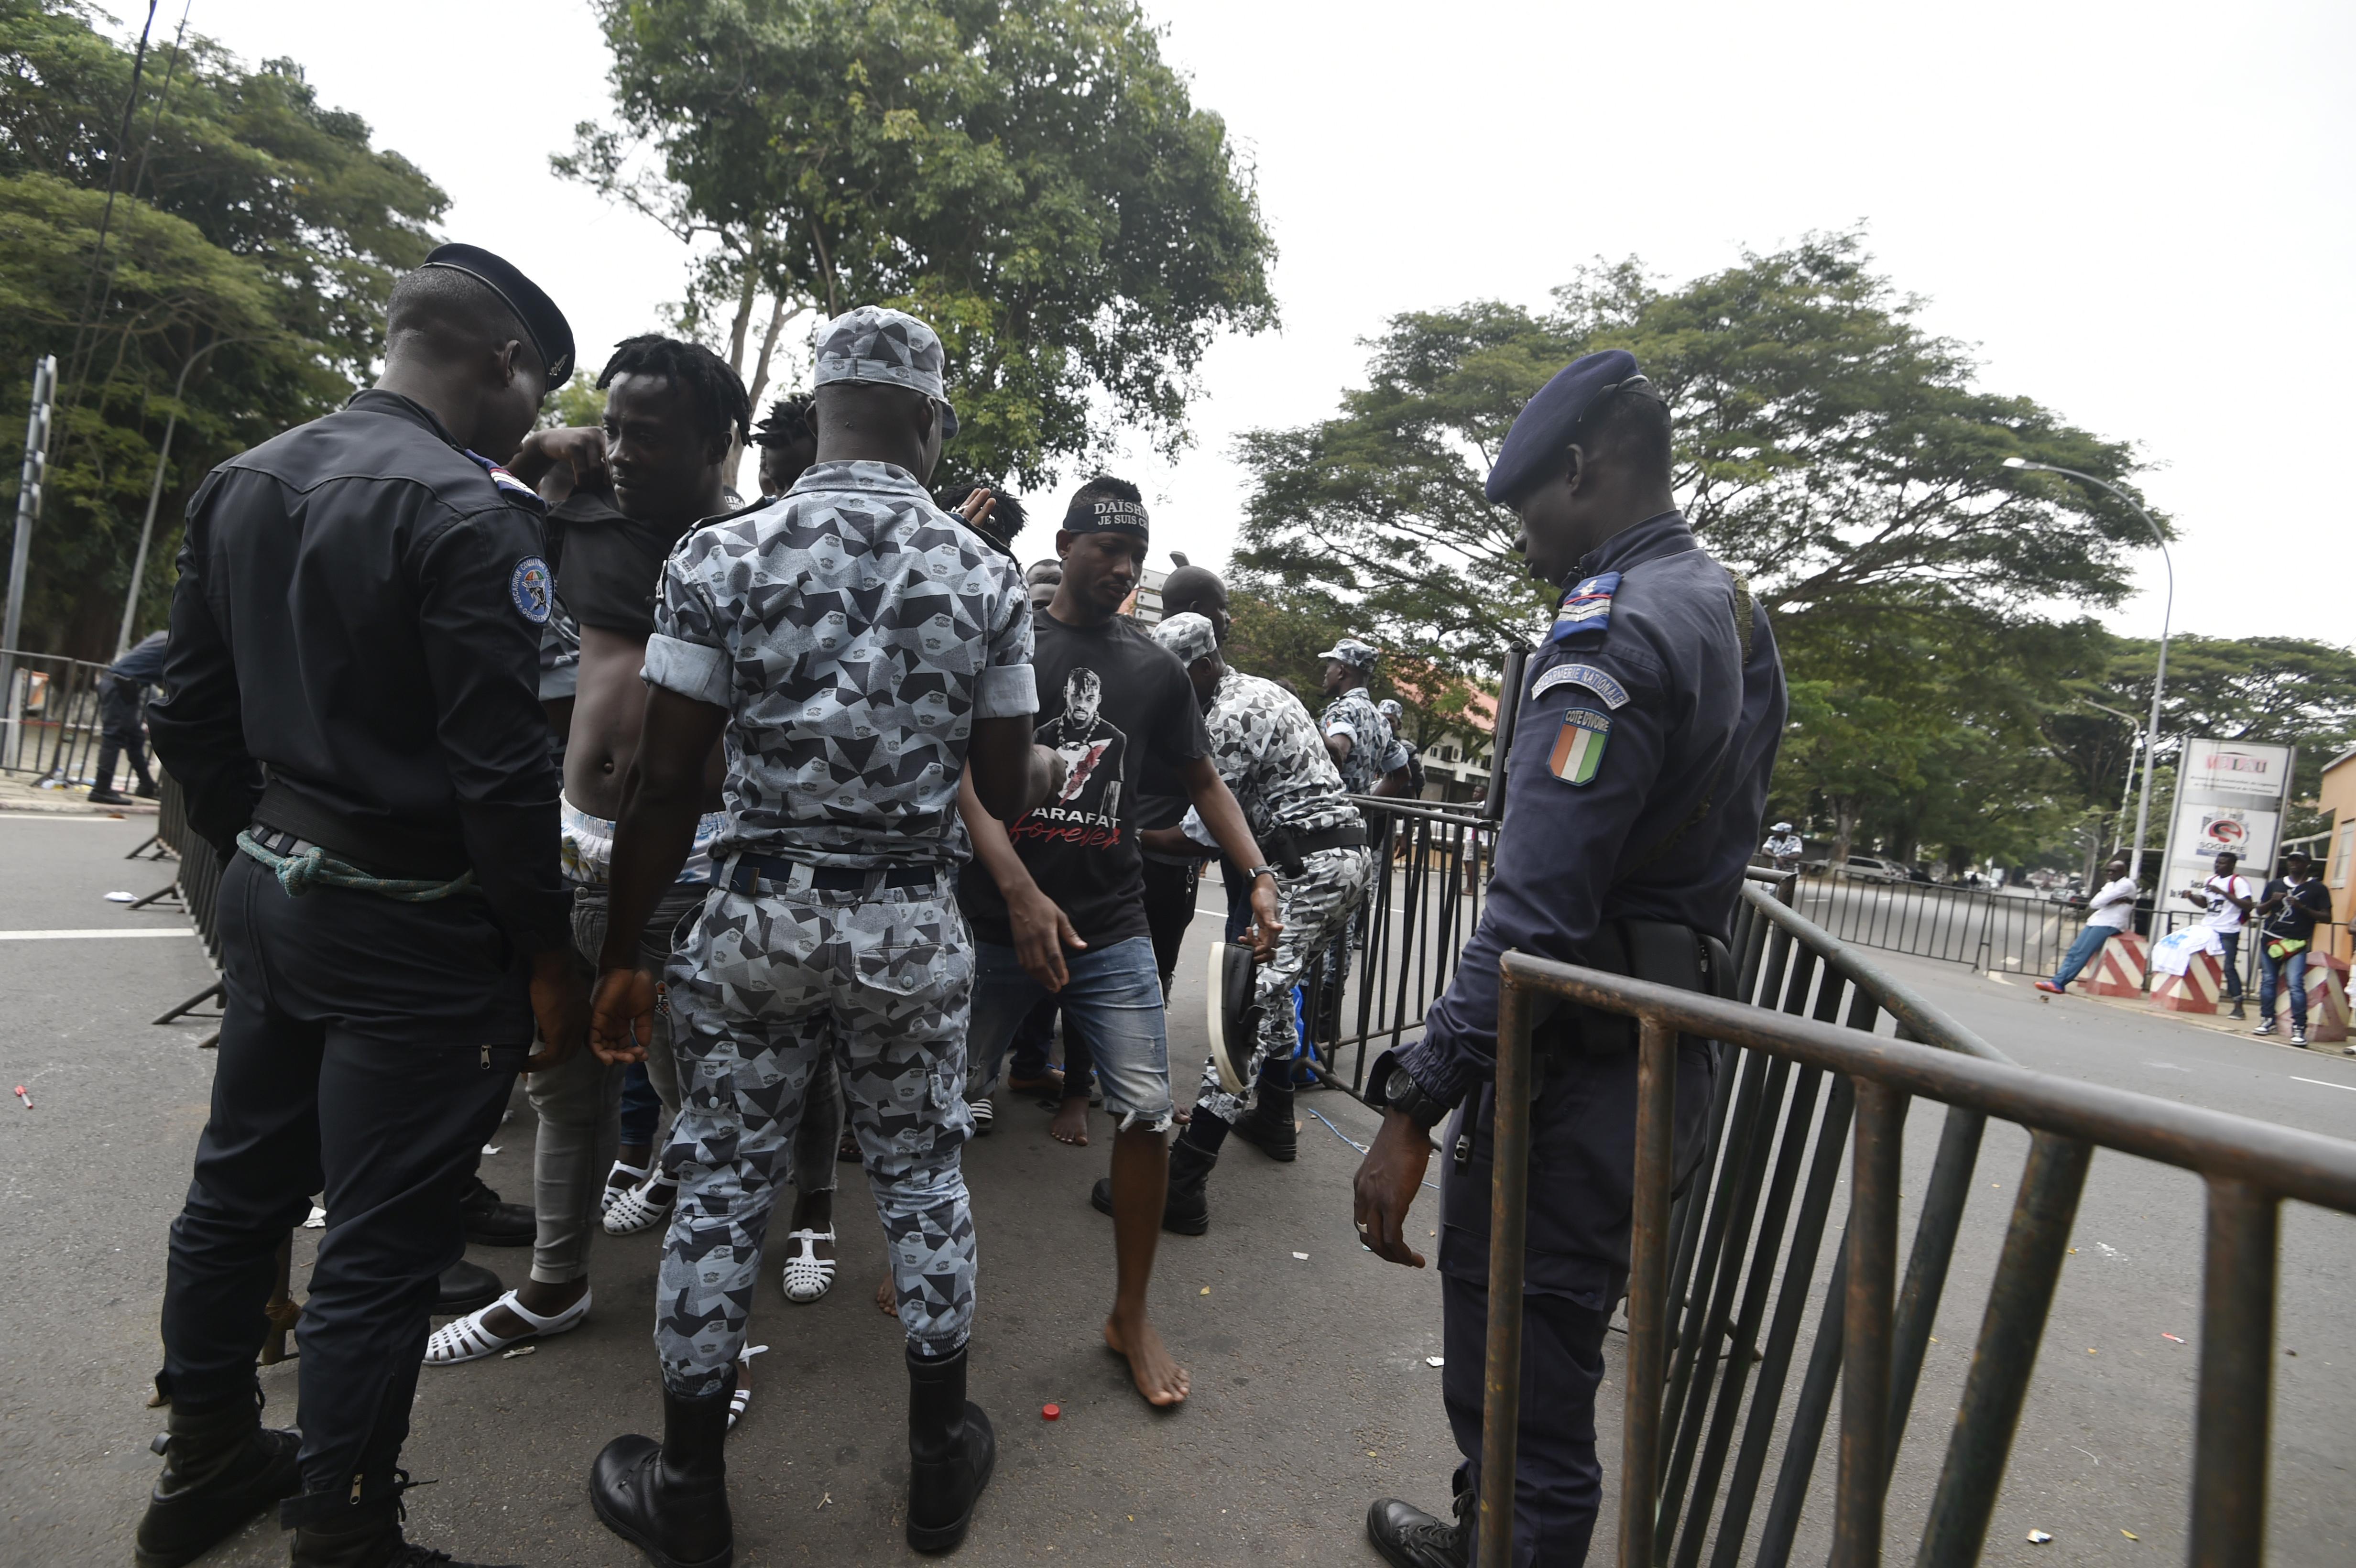 Des policiers et gendarmes ivoiriens contrôlent les fans de DJ Arafat non loin de l'entrée du stade Félix Houphouët-Boigny.